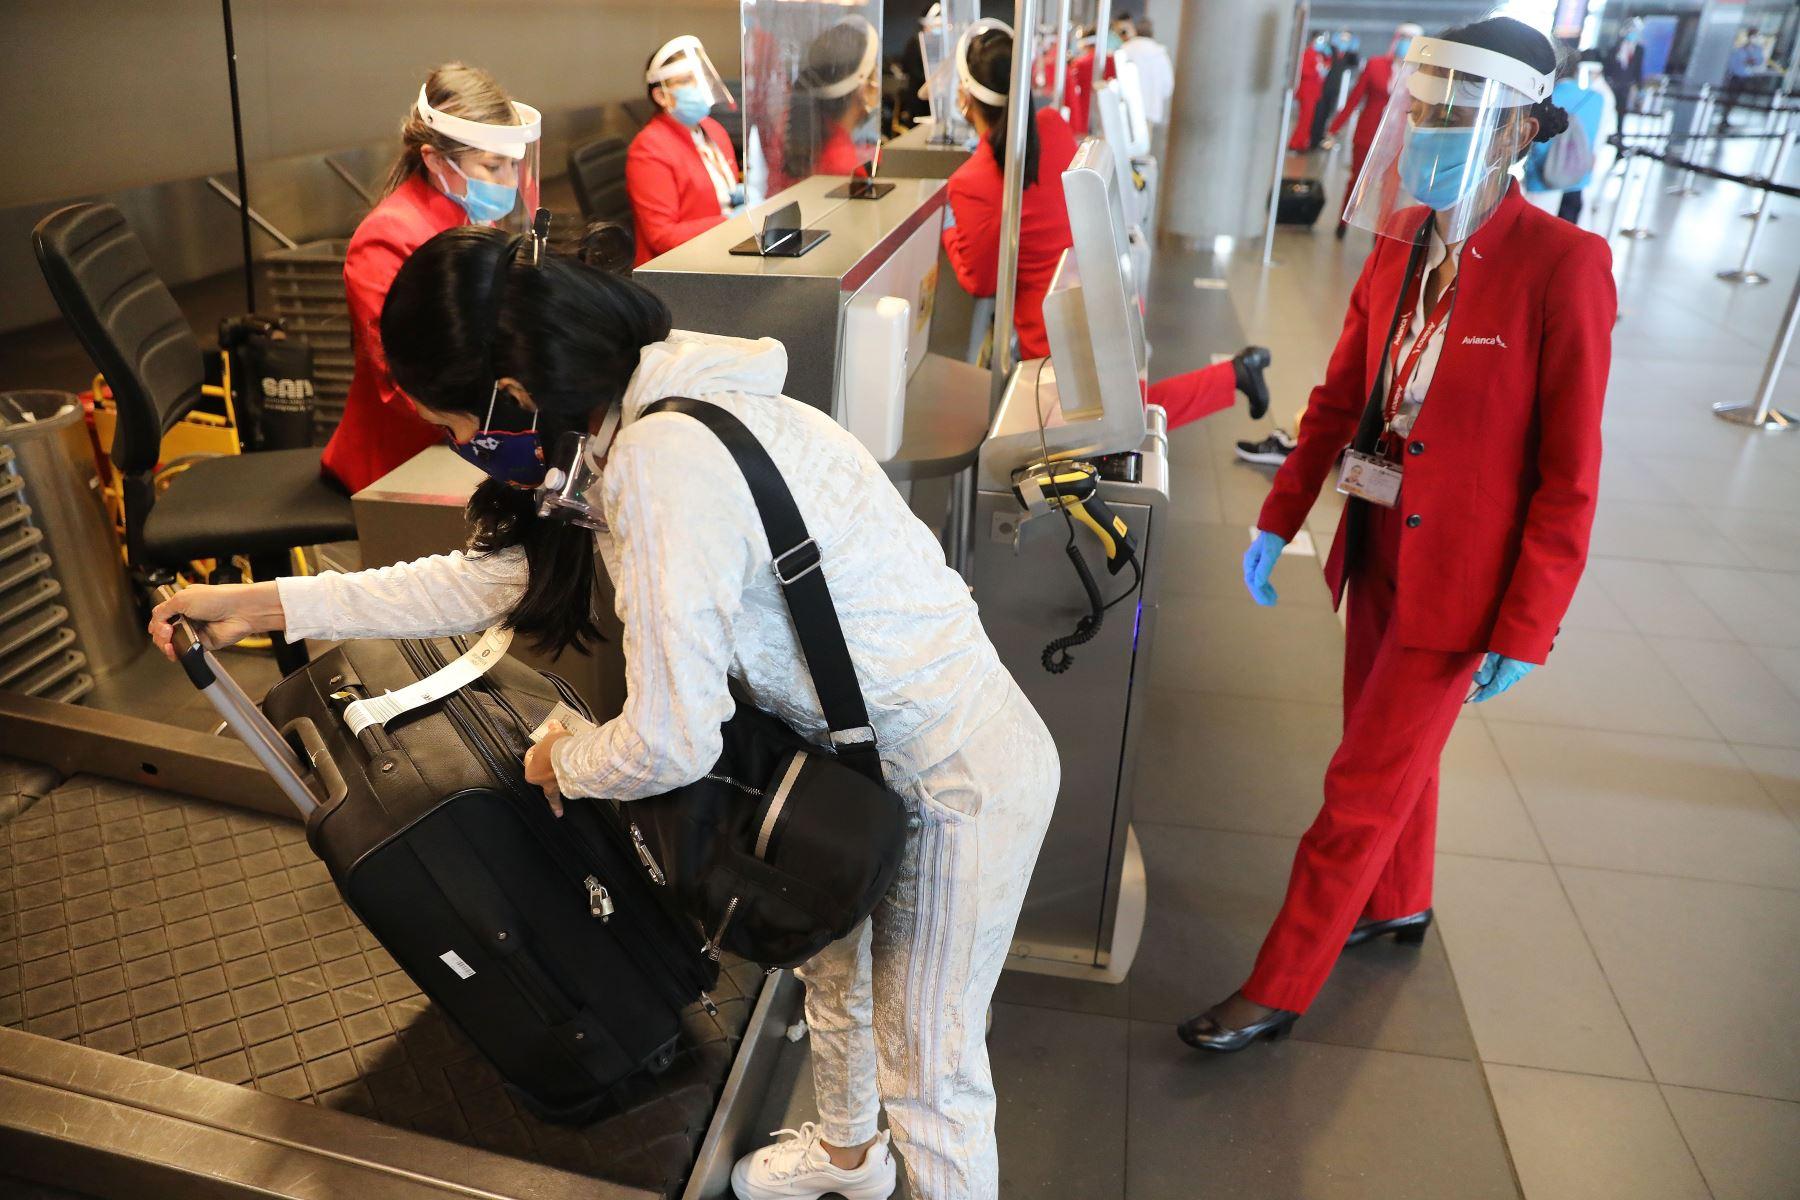 Colombia reanuda vuelos internacionales tras suspensión de casi seis meses | Noticias